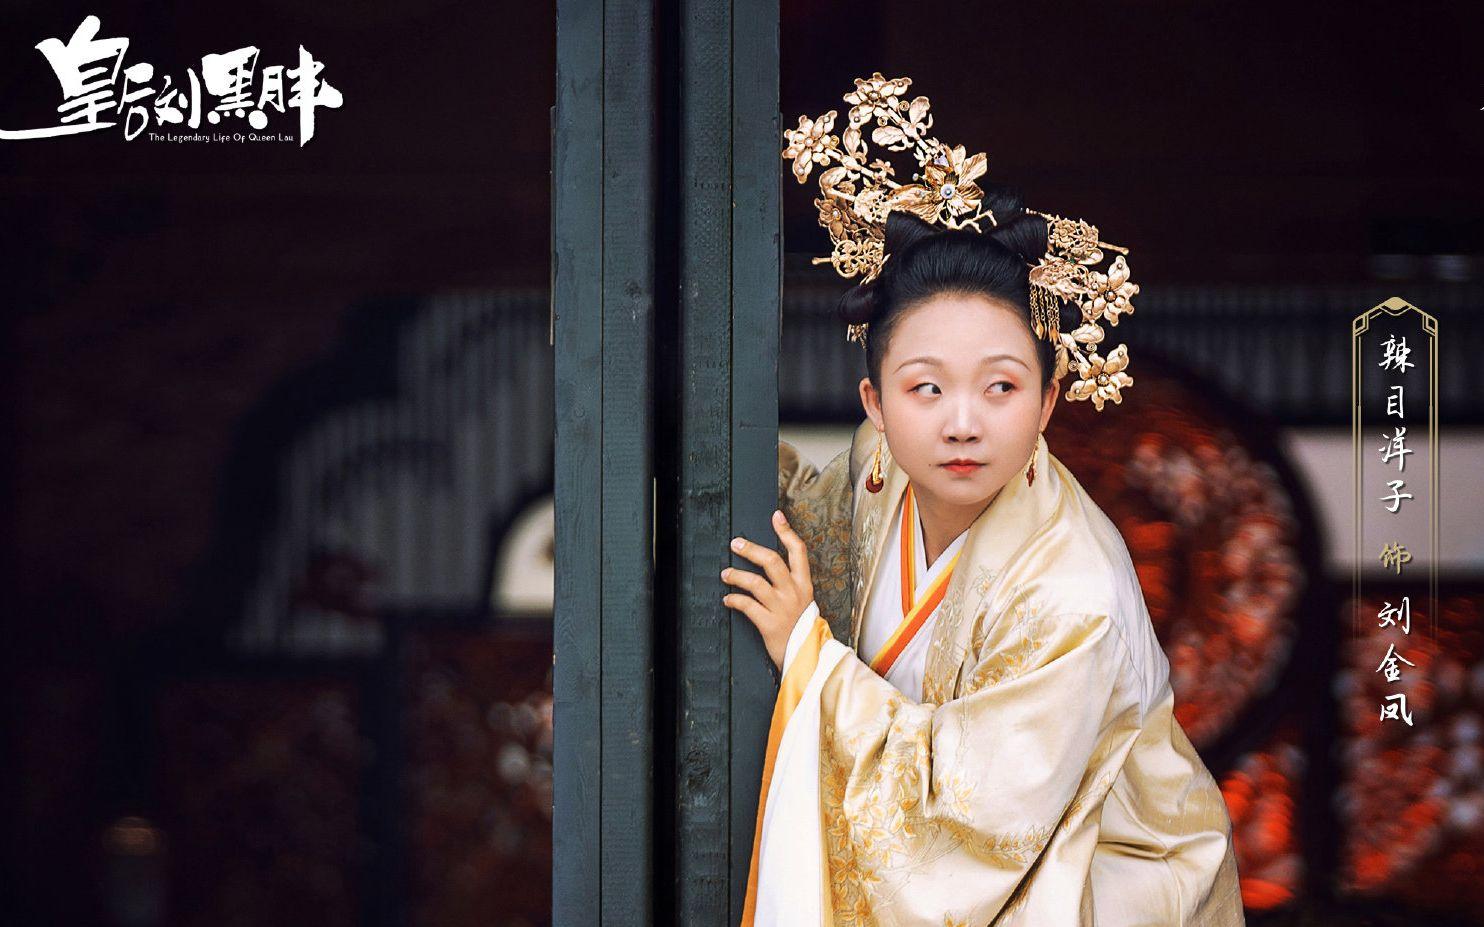 辣目洋子的剧照让人忍俊不禁。